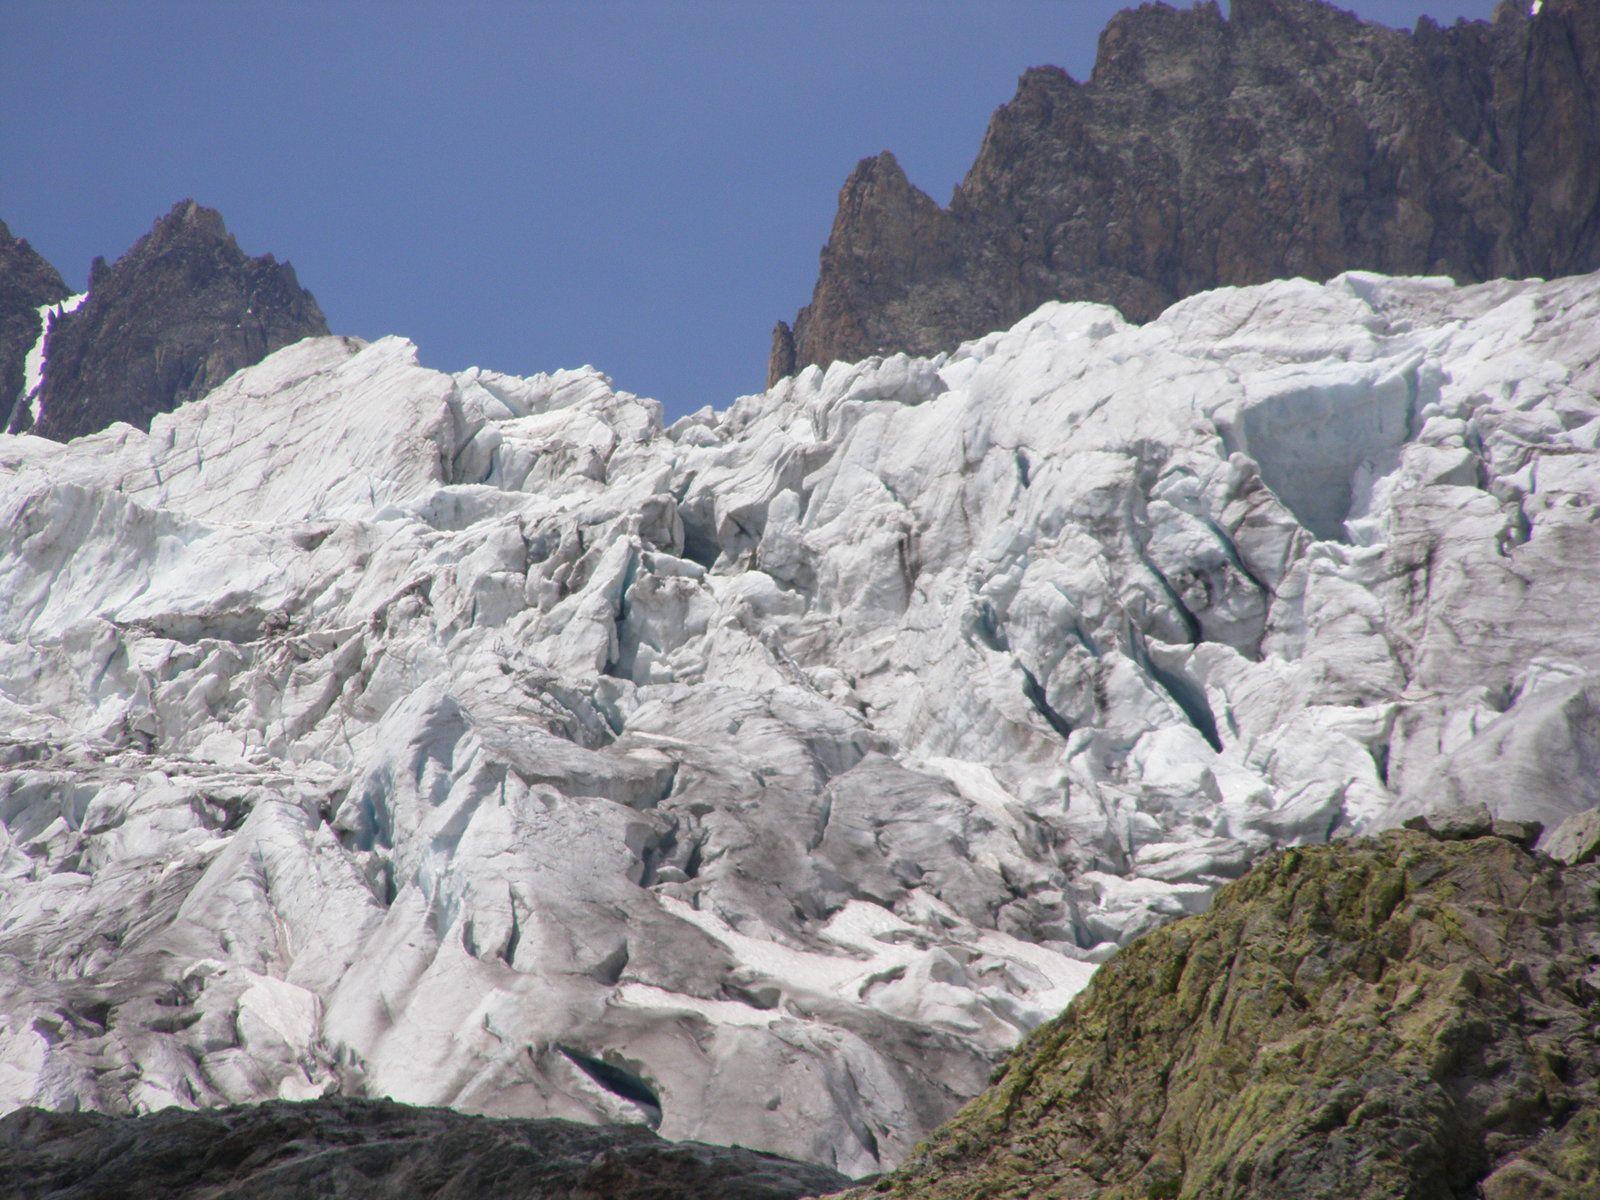 GLACIER BLANC - La perle des Ecrins - en voie de régression - honte aux responsables - Hautes Alpes